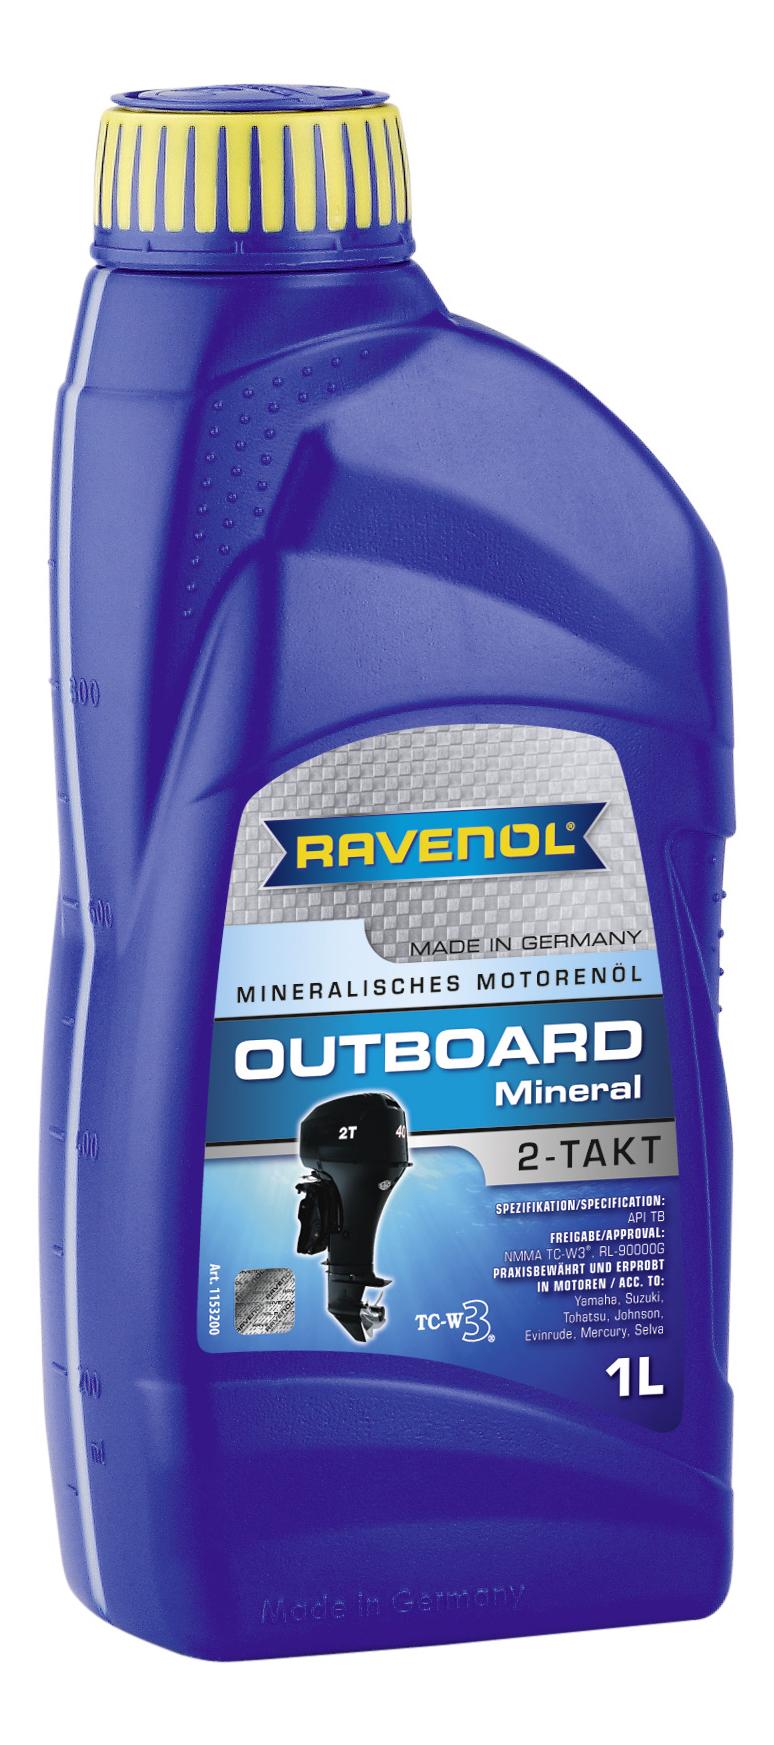 Ravenol Outboardoel 2T Mineral, для 2-хтактных, минеральное,1л, Германия